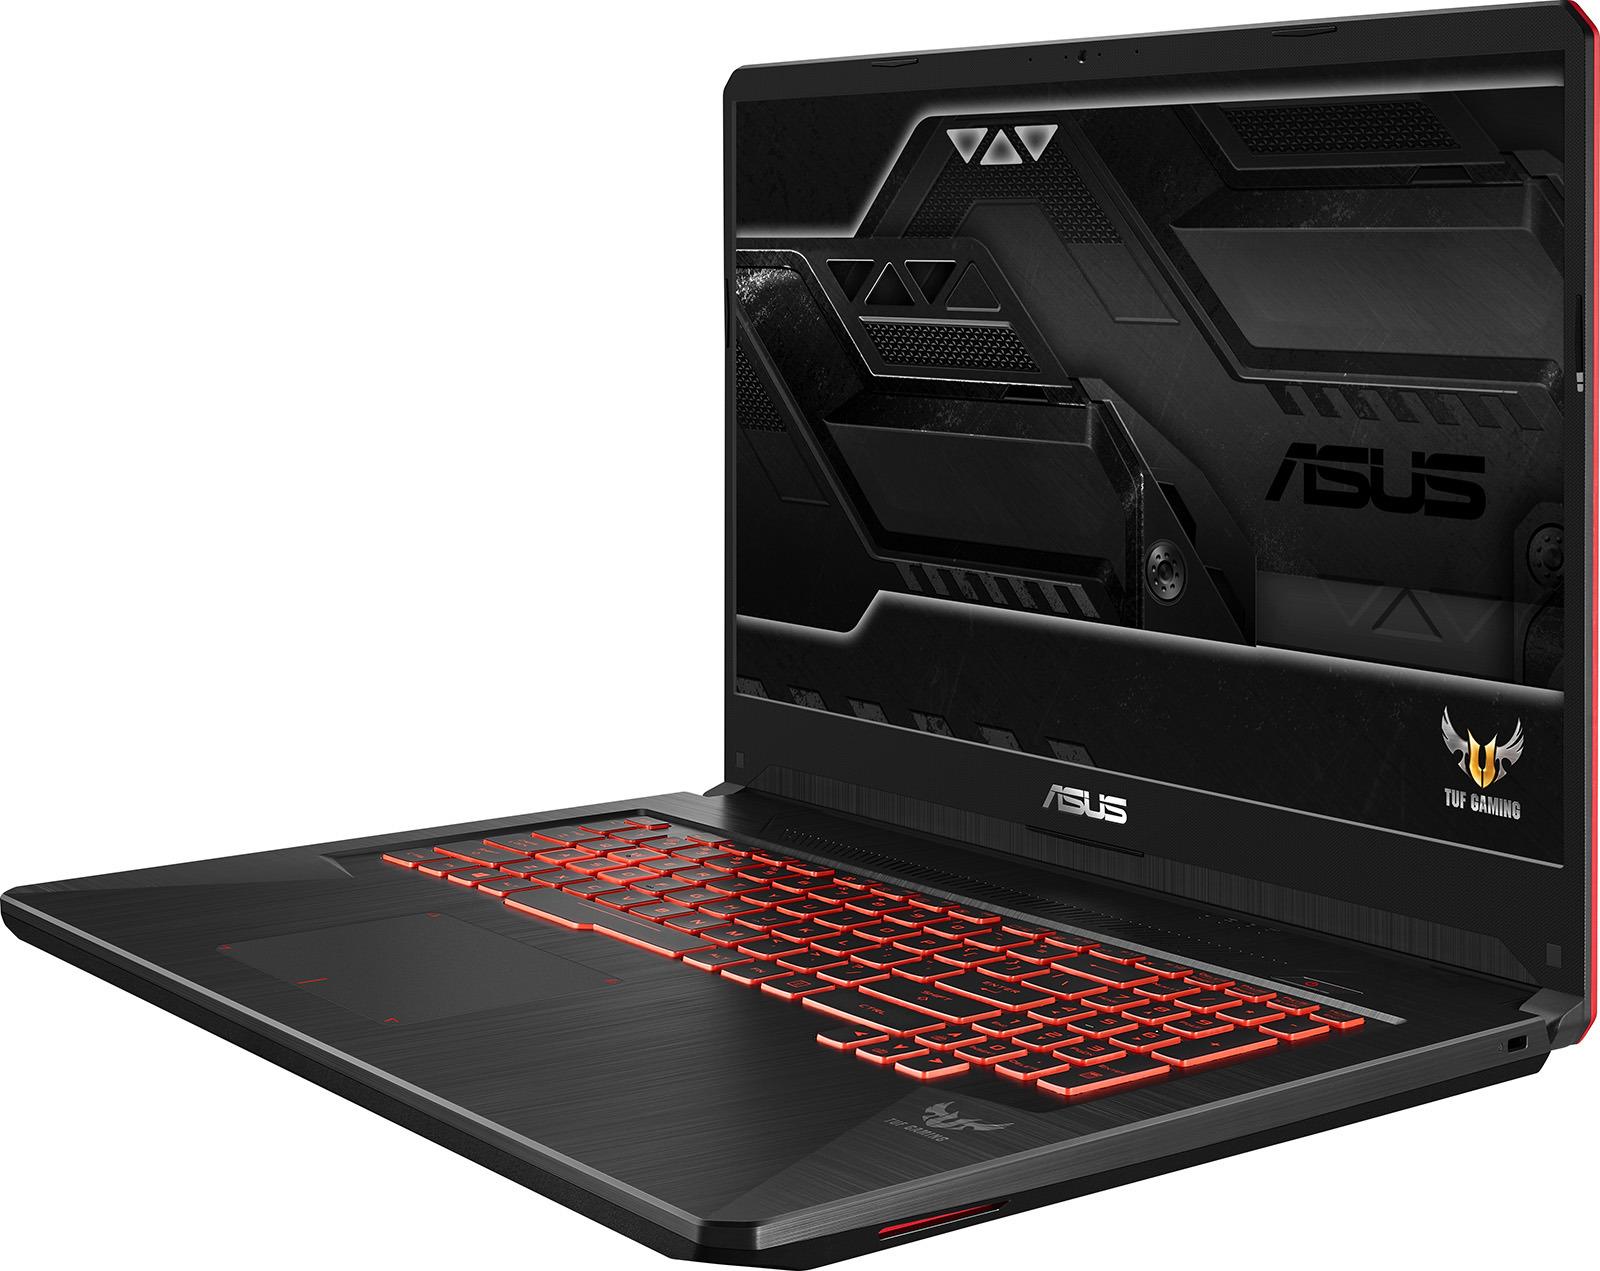 17.3 Игровой ноутбук ASUS TUF Gaming FX705GD 90NR0112-M02970, черный описание ноутбука asus